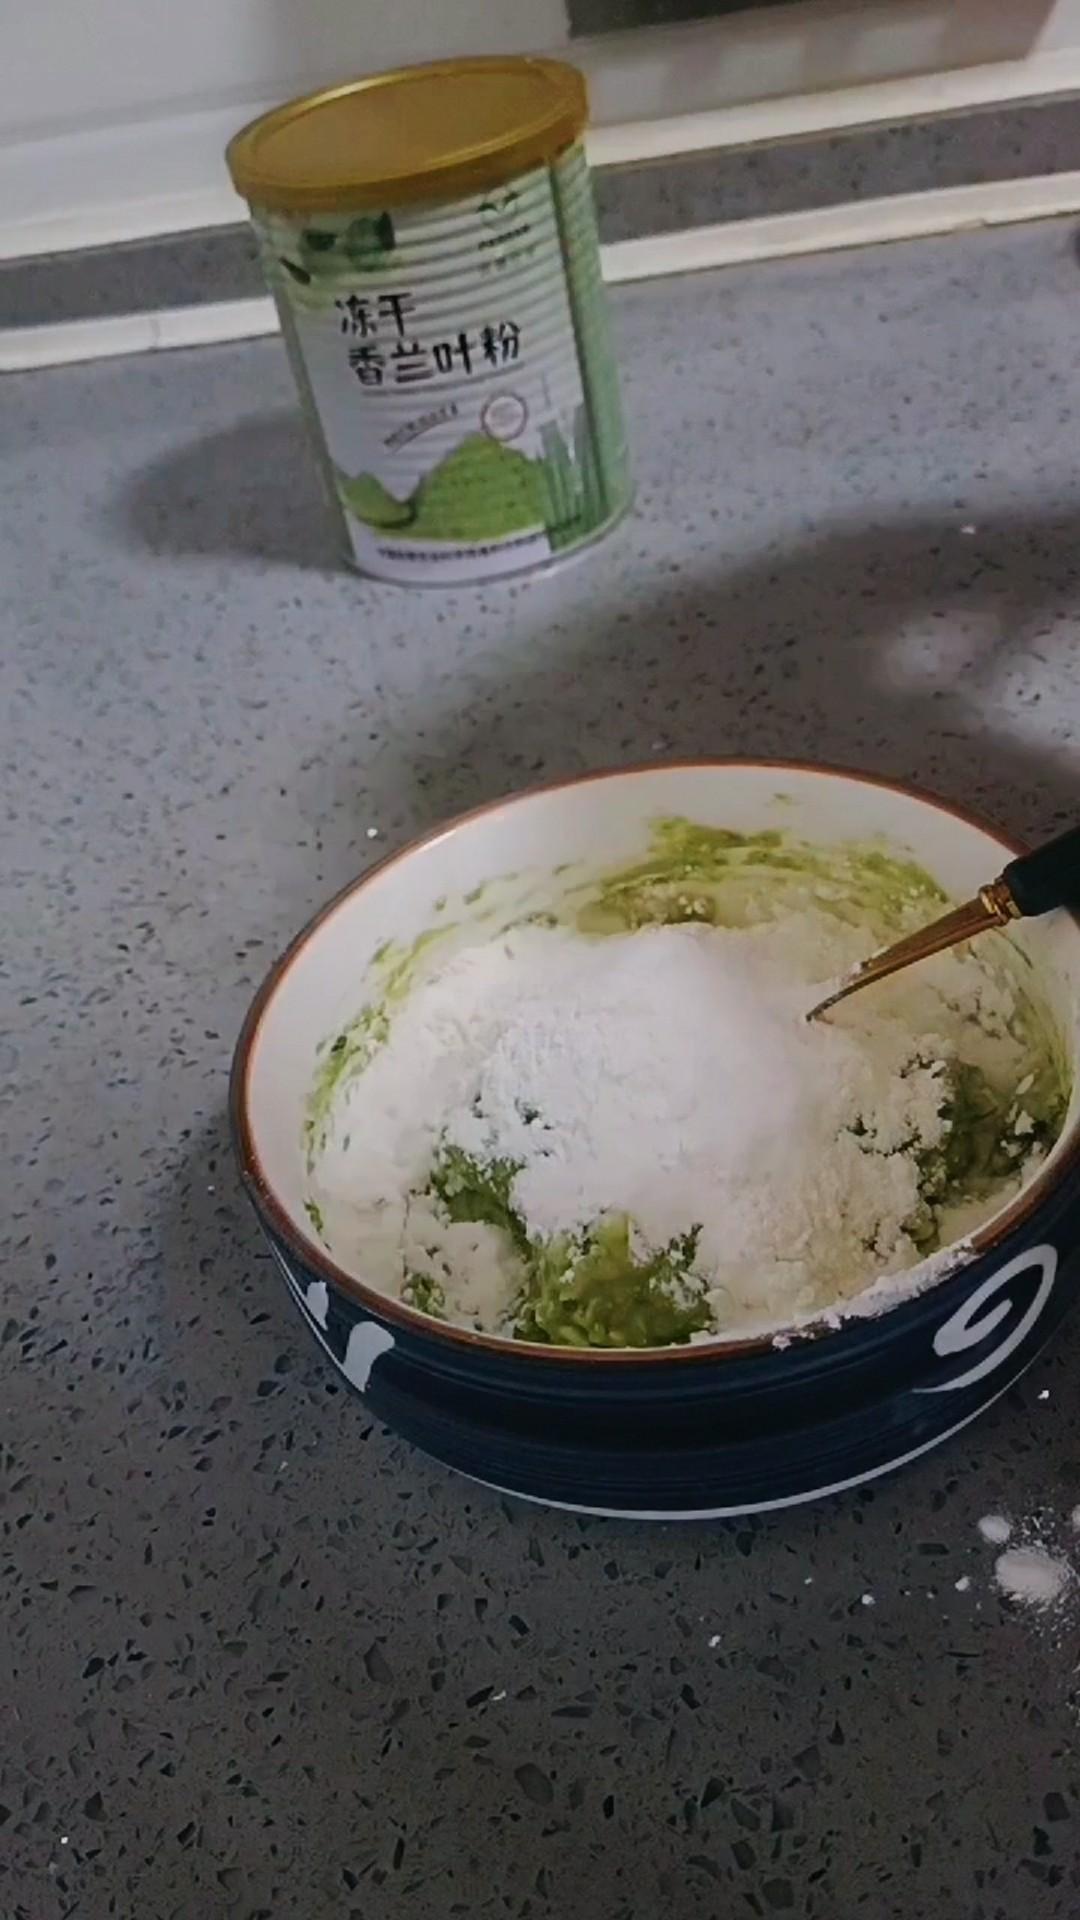 夏日必备降温甜品:酸奶冰沙啵啵,吃一份不够哦的步骤